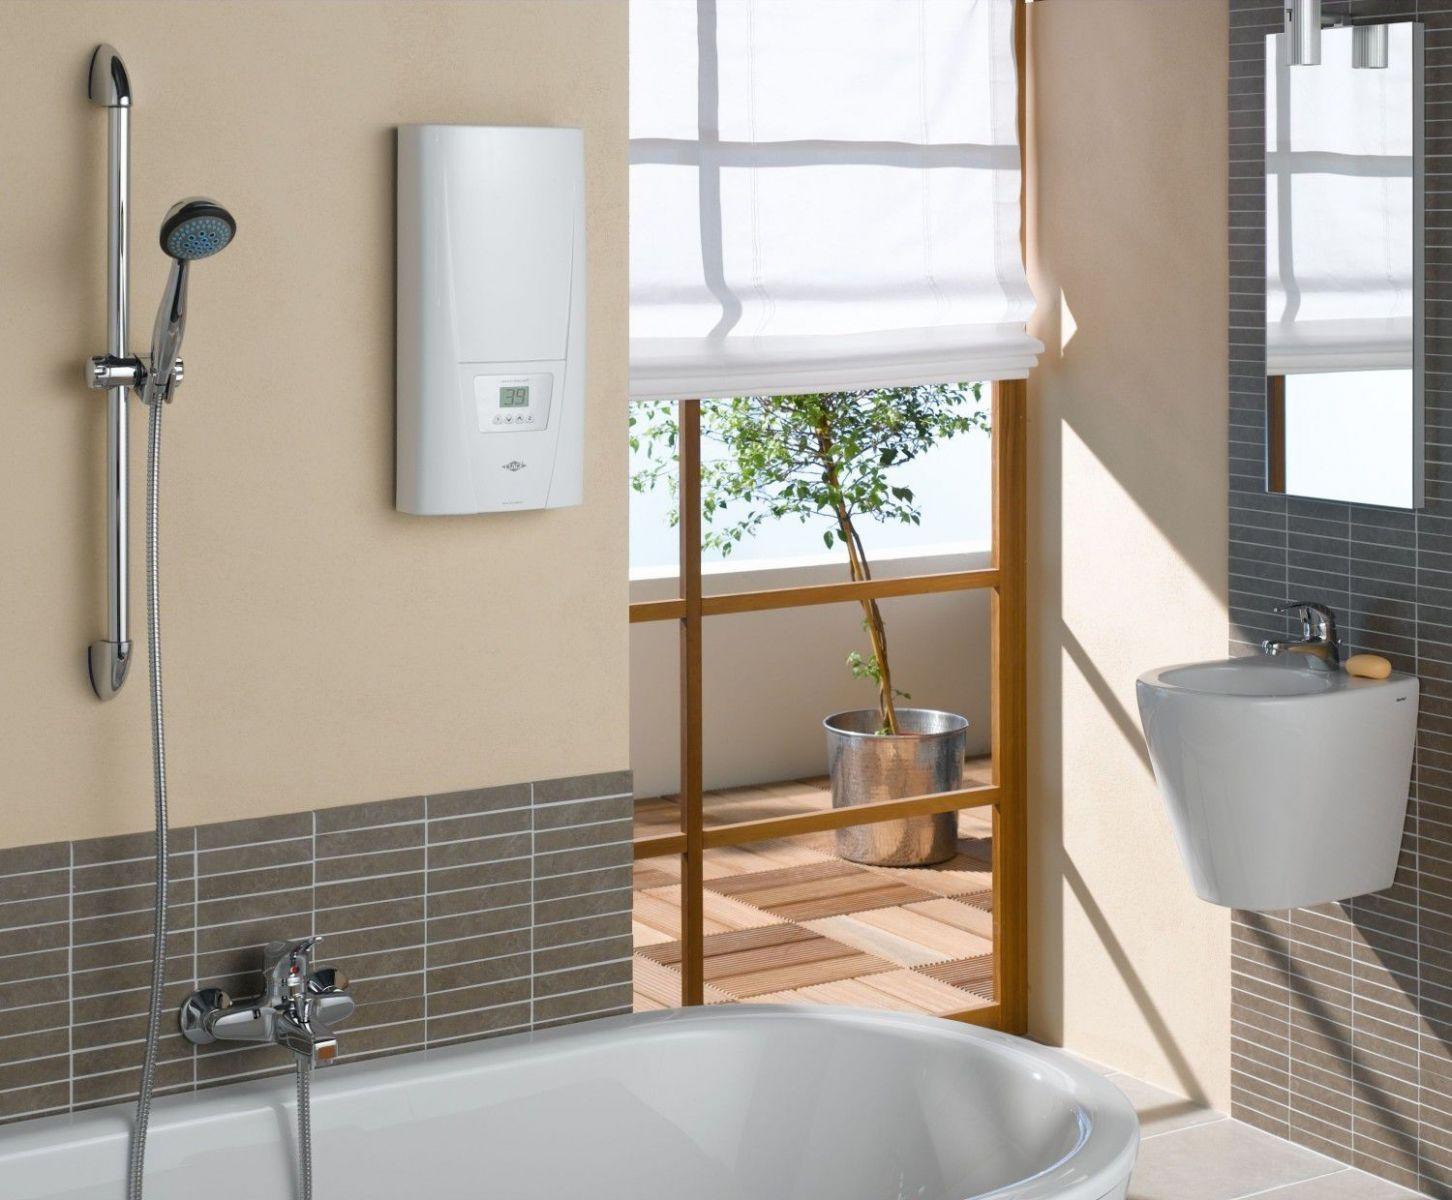 Горячая вода в радость не только зимой_правила выбора водонагревателя - проточный водонагреватель